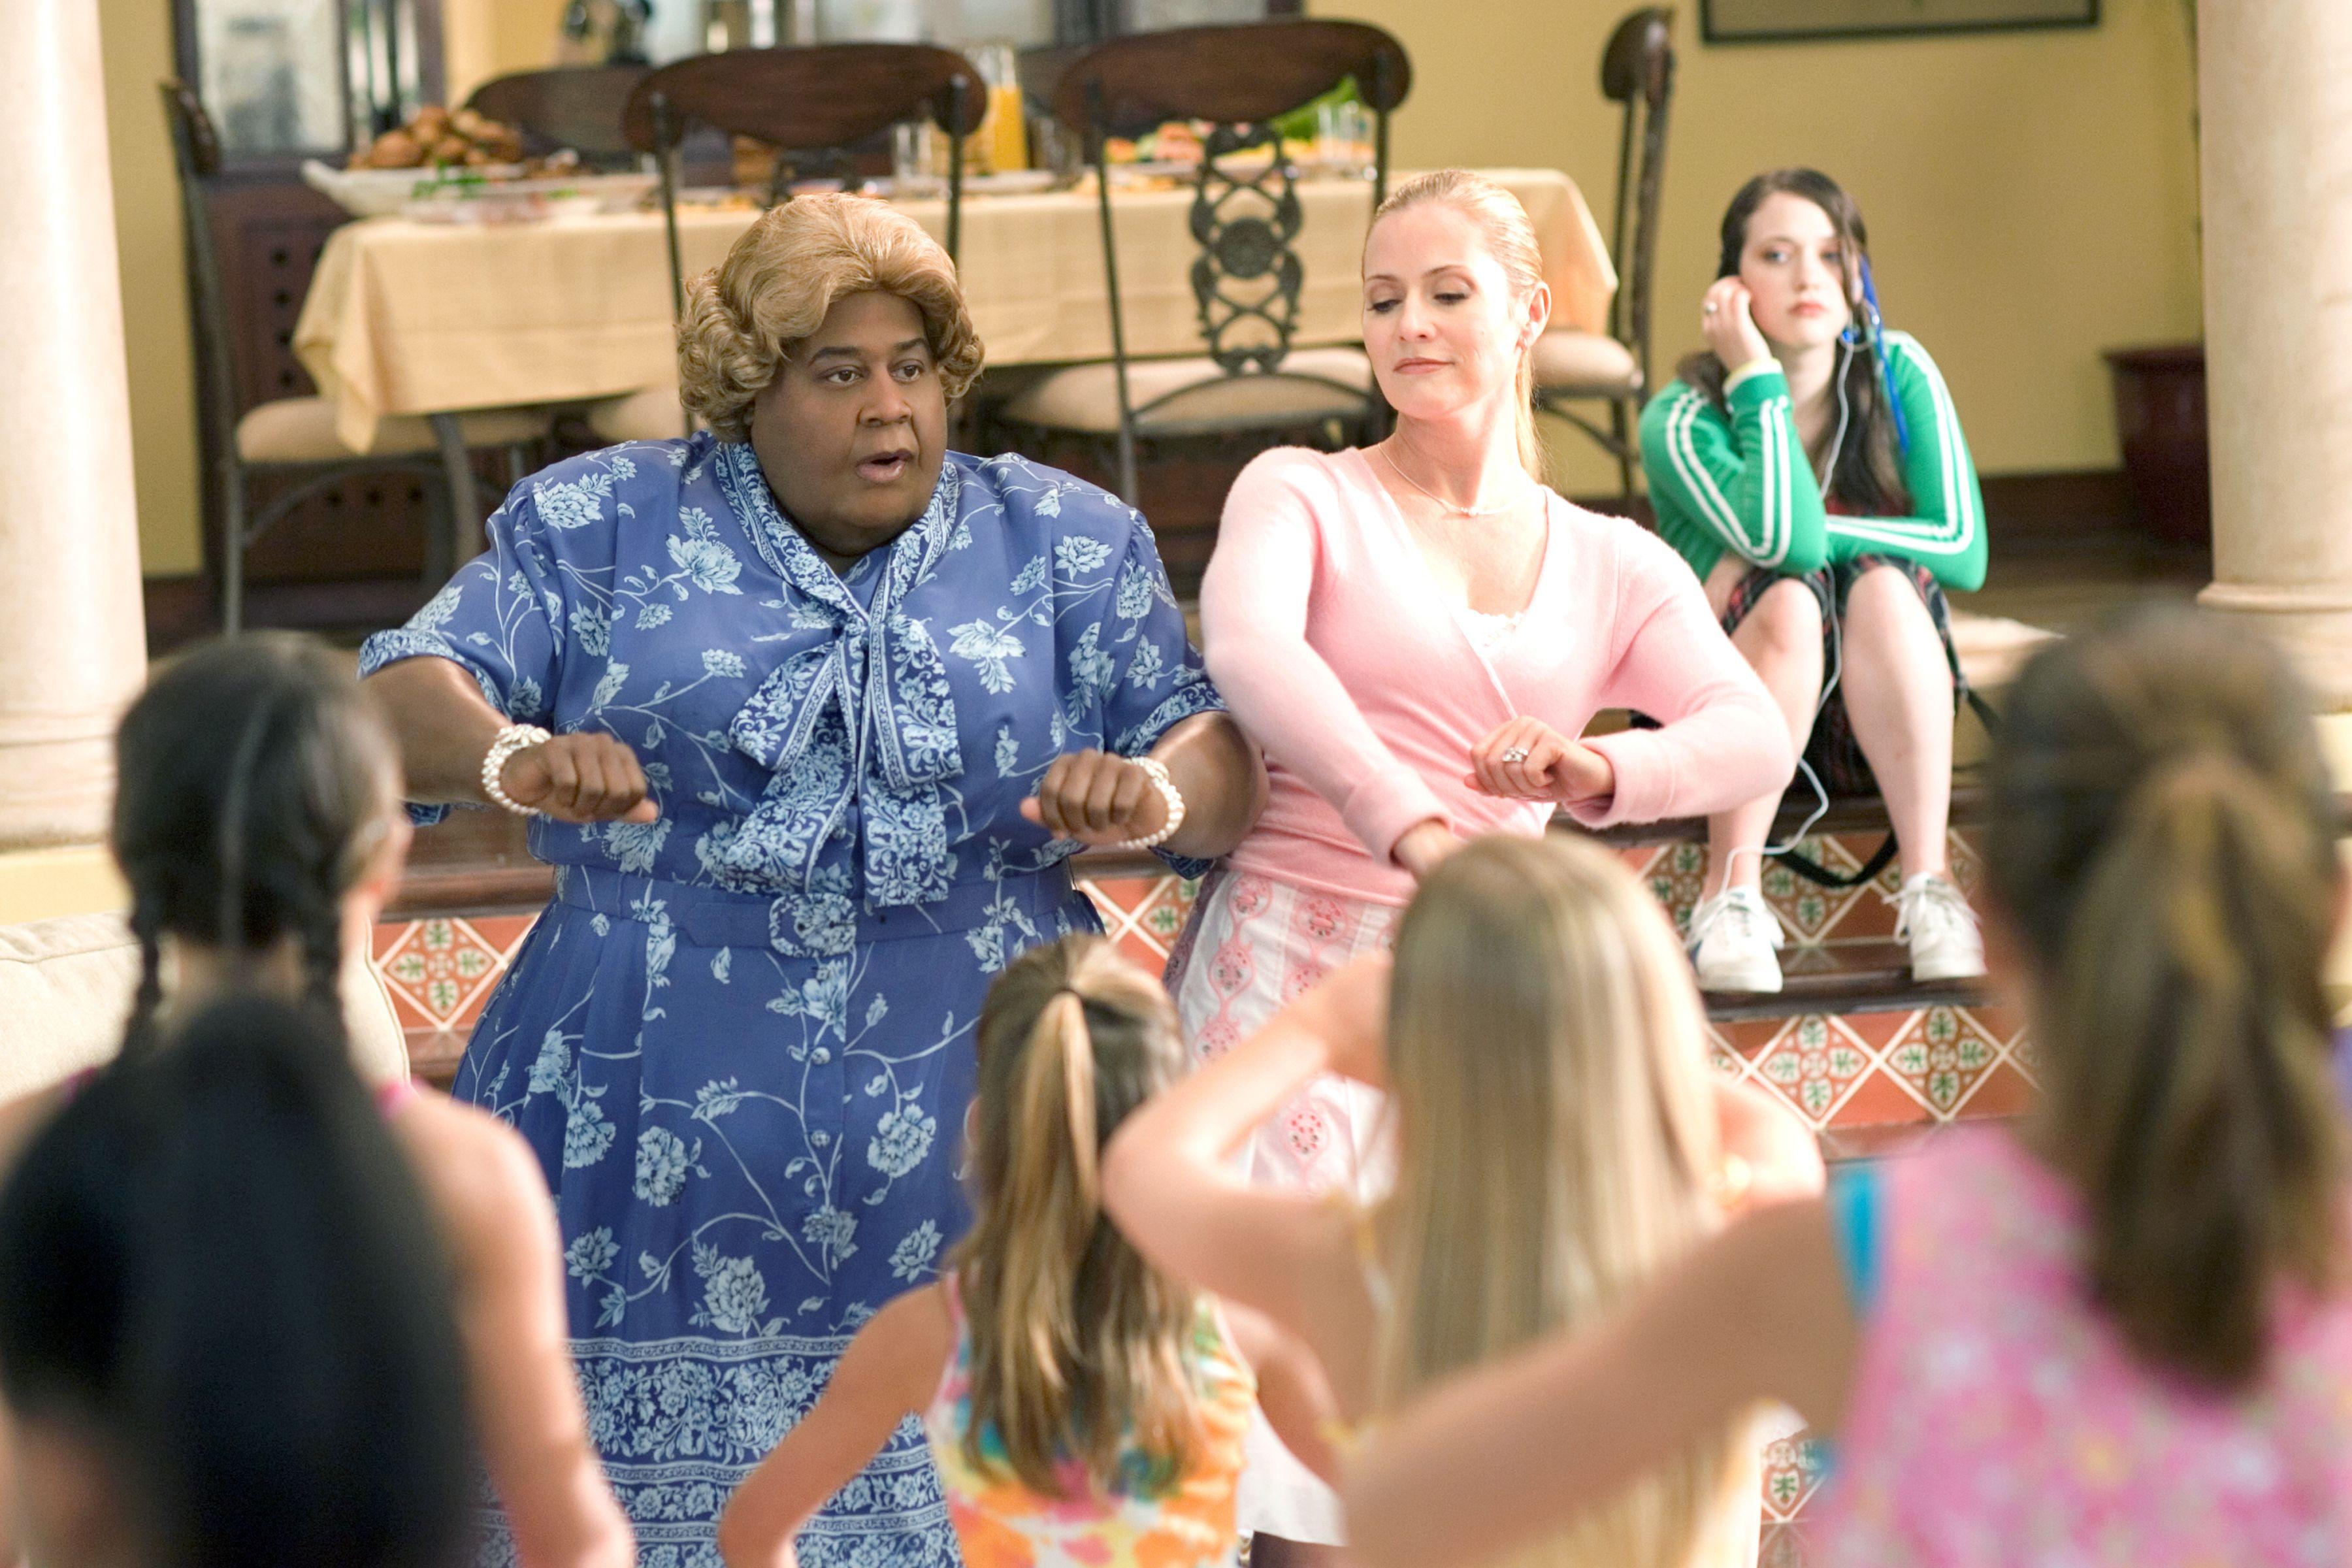 Big mamas house photos Celebrity Photos, Celebrity Pictures, Celebrity Pics E! News